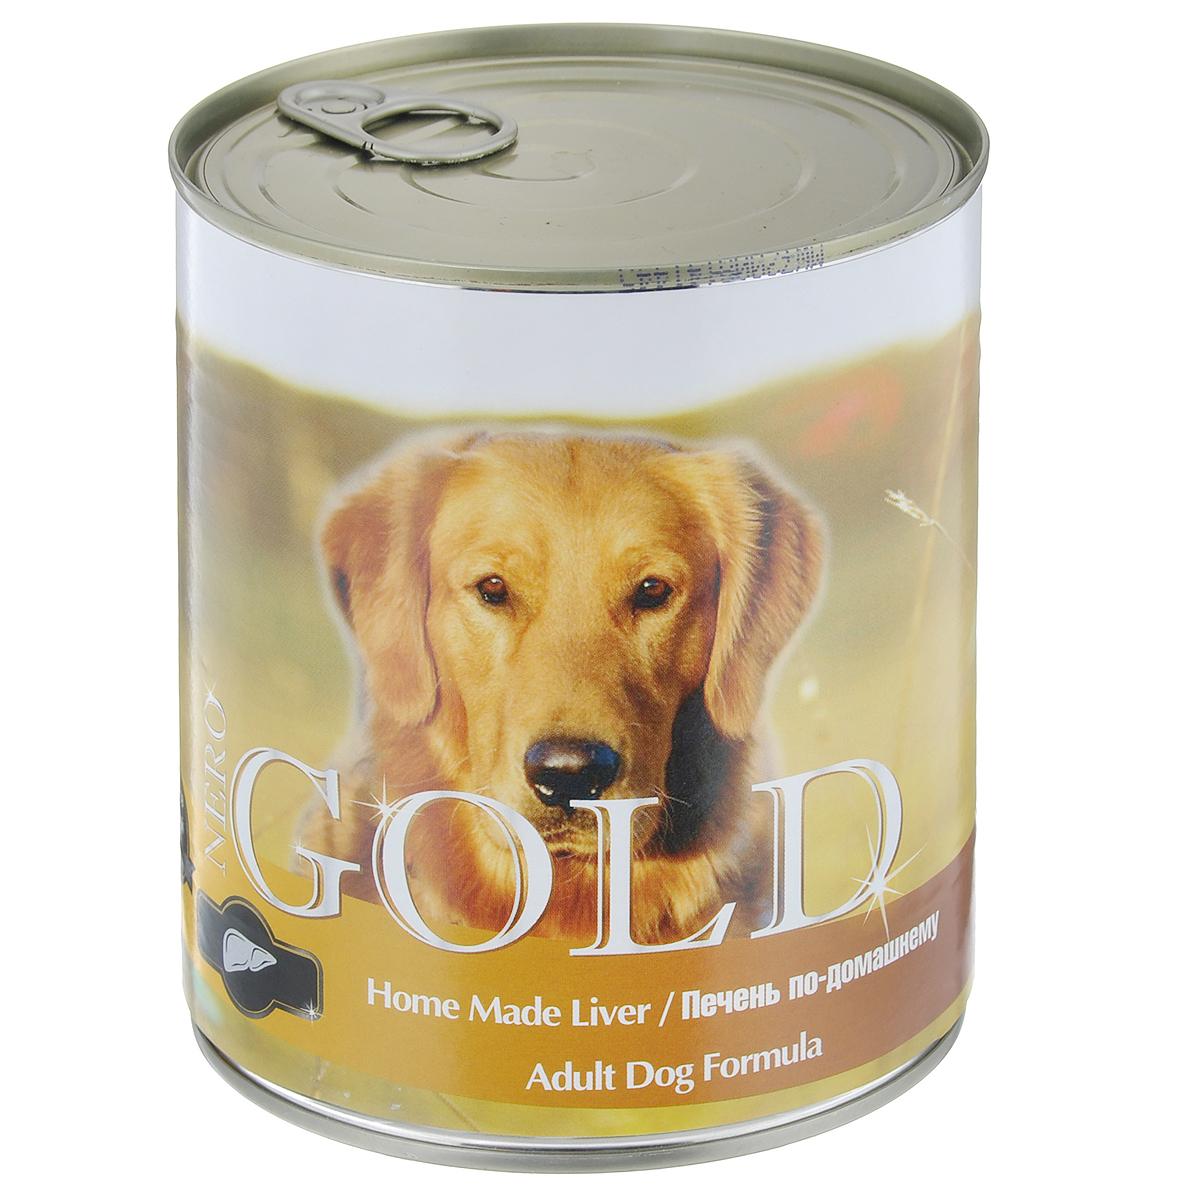 Консервы для собак Nero Gold, с печенью по-домашнему, 810 г10277Консервы для собак Nero Gold - полнорационный продукт, содержащий все необходимые витамины и минералы, сбалансированный для поддержания оптимального здоровья вашего питомца! Состав: мясо и его производные, филе курицы, печень, злаки, витамины и минералы. Гарантированный анализ: белки 6,5%, жиры 4,5%, клетчатка 0,5%, зола 2%, влага 81%. Пищевые добавки на 1 кг продукта: витамин А 1600 МЕ, витамин D 140 МЕ, витамин Е 10 МЕ, железо 24 мг, марганец 6 мг, цинк 15 мг, медь 1 мг, магний 200 мг, йод 0,3 мг, селен 0,2 мг. Вес: 810 г. Товар сертифицирован.